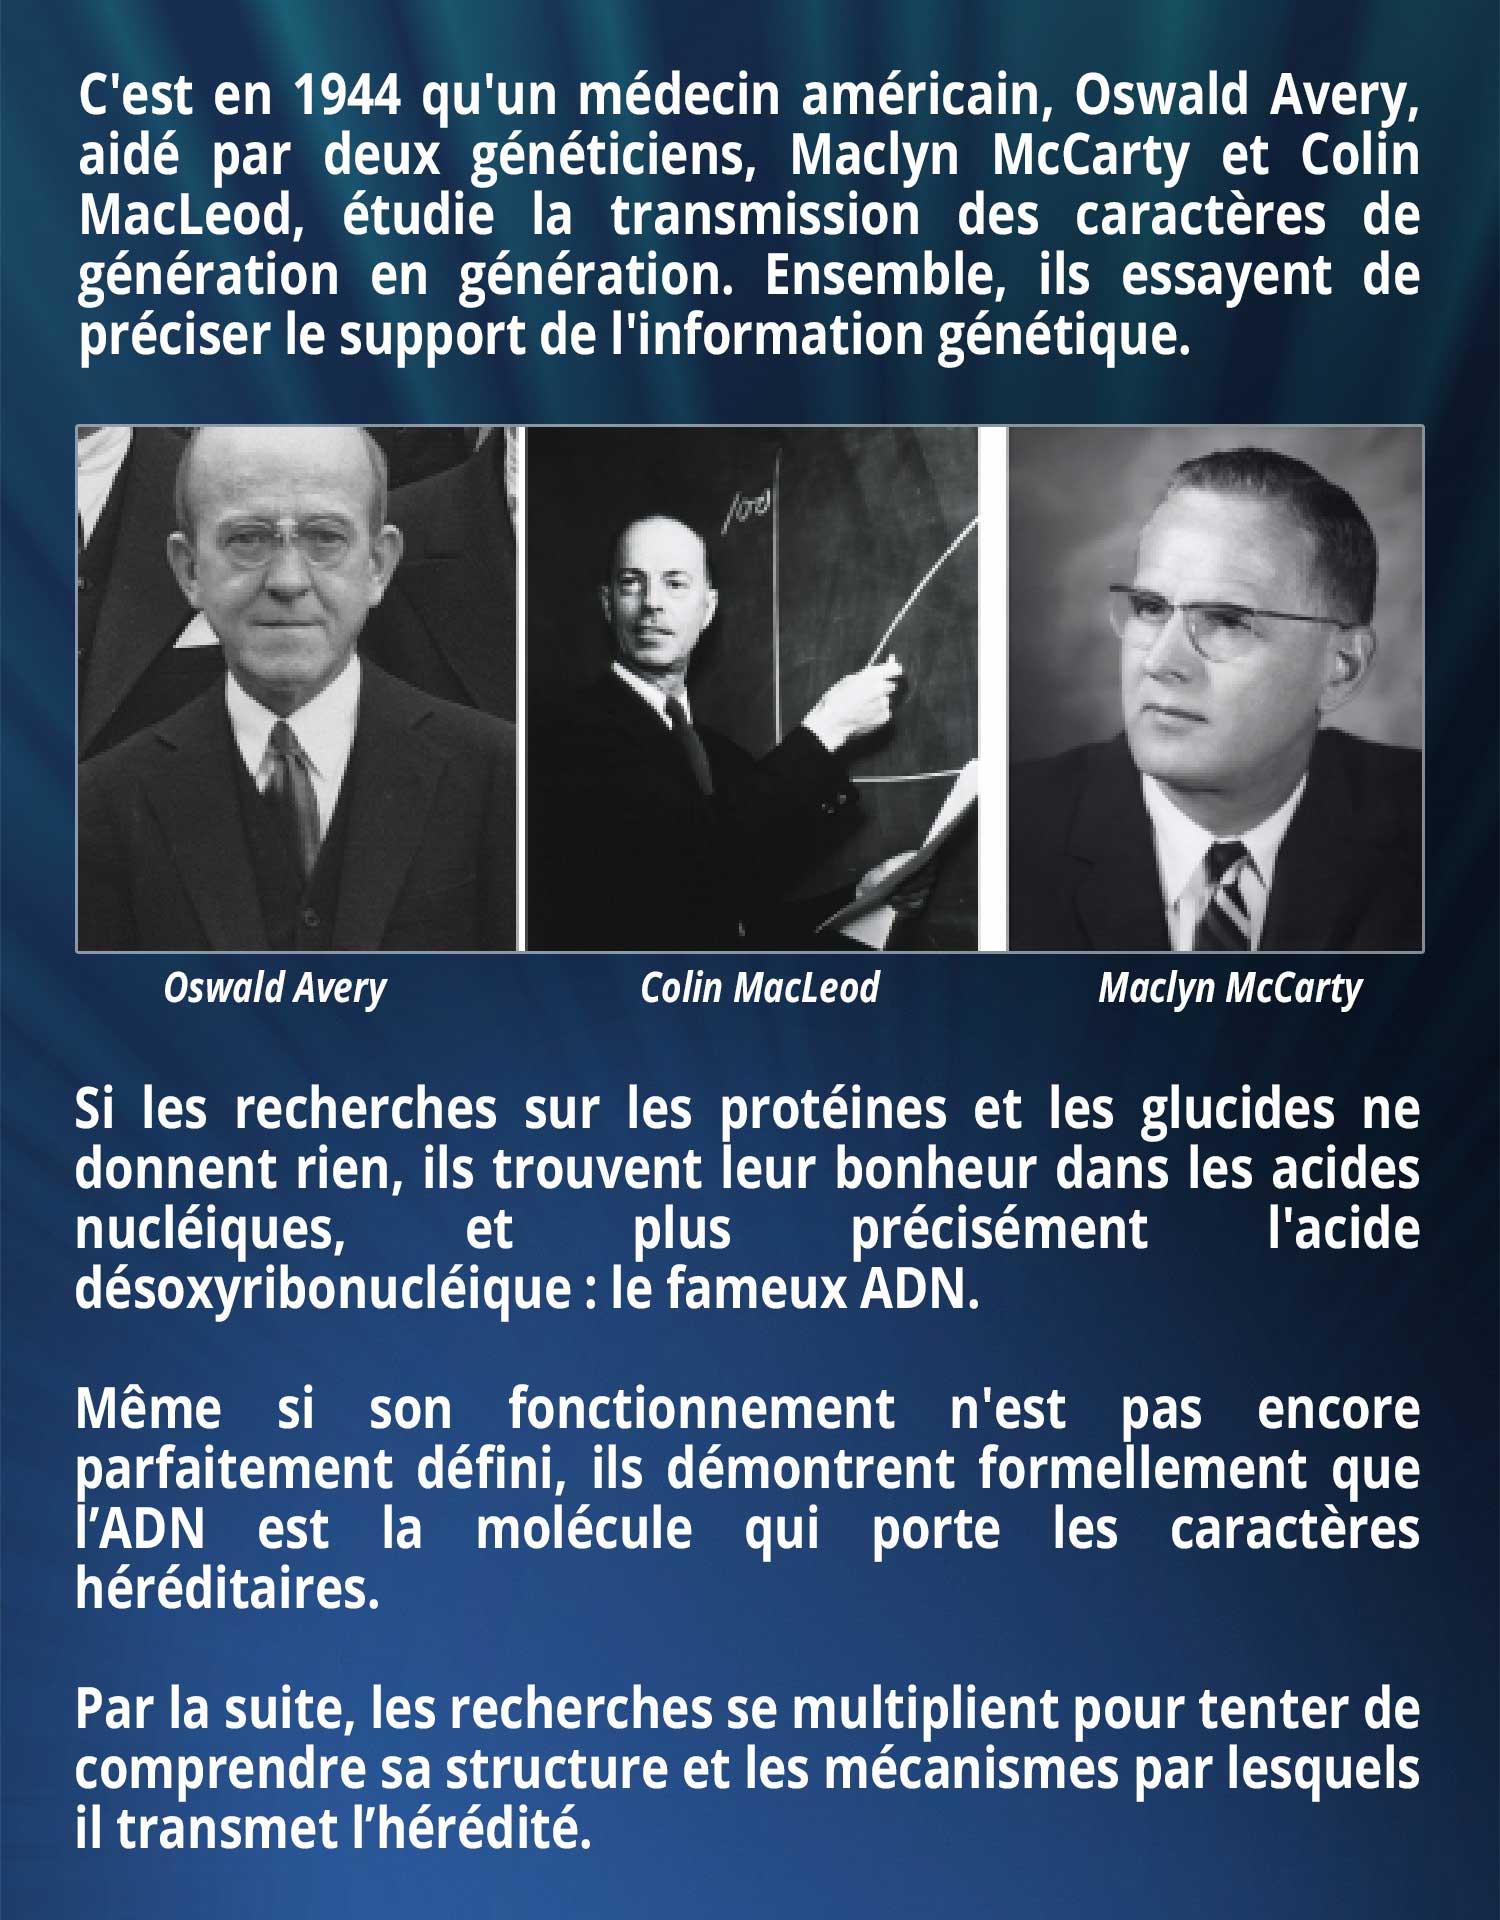 C'est en 1944 qu'un médecin américain, Oswald Avery, aidé par deux généticiens, Maclyn McCarty et Colin MacLeod, étudie la transmission des caractères de génération en génération. Ensemble, ils essayent de préciser le support de l'information génétique. Si les recherches sur les protéines et les glucides ne donnent rien, ils trouvent leur bonheur dans les acides nucléiques, et plus précisément l'acide désoxyribonucléique : le fameux ADN. Même si son fonctionnement n'est pas encore parfaitement défini, ils démontrent formellement que l'ADN est la molécule qui porte les caractères héréditaires. Par la suite, les recherches se multiplient pour tenter de comprendre sa structure et les mécanismes par lesquels il transmet l'hérédité.